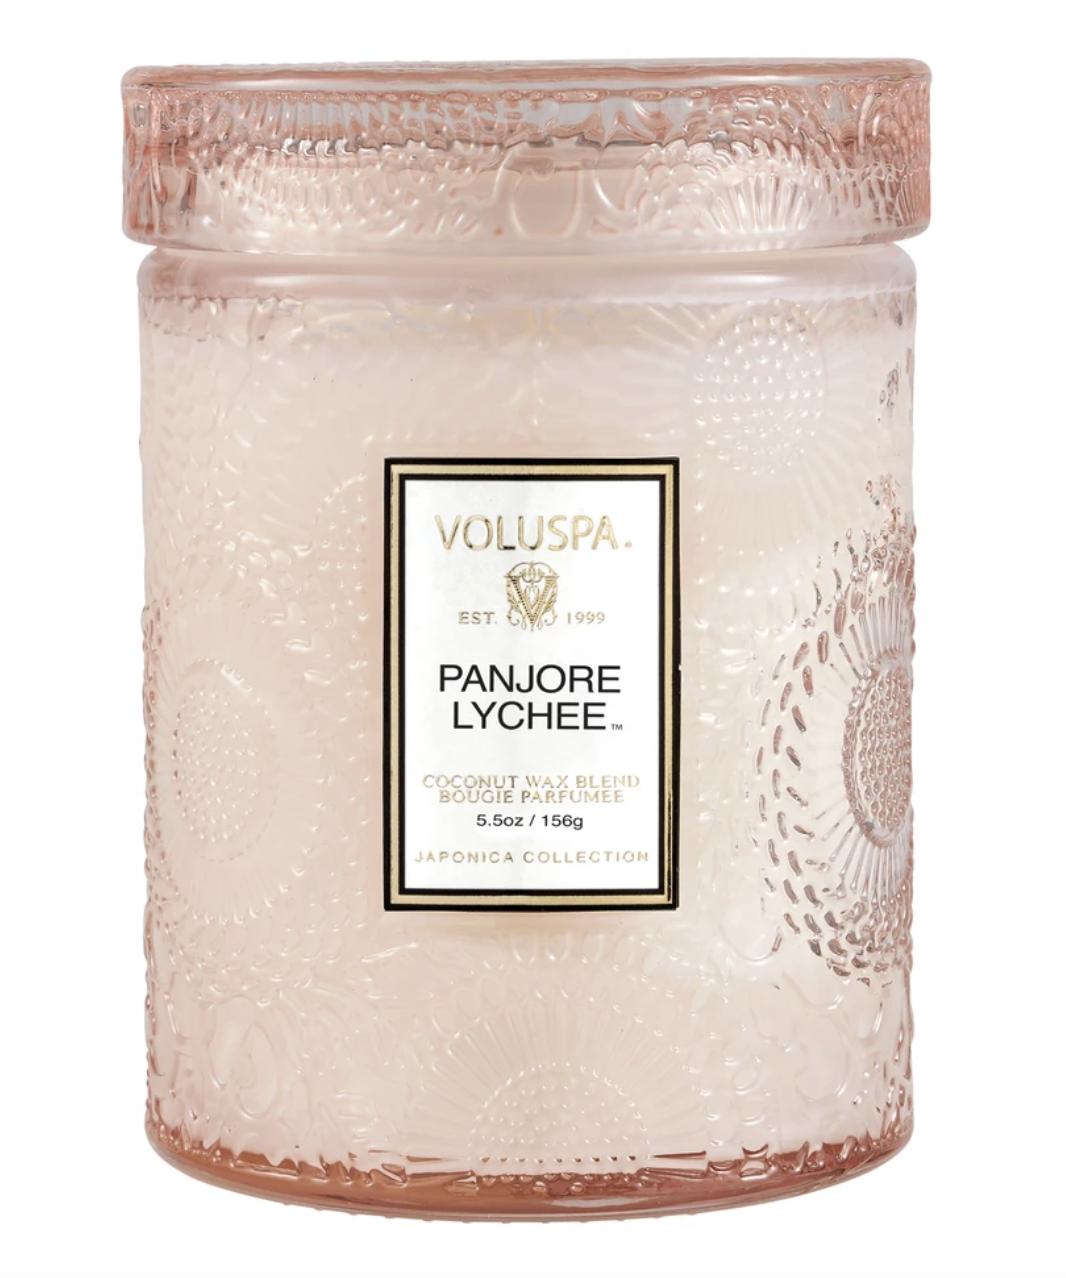 Voluspa Panjore Lychee, Embossed Glass Jar with Lid